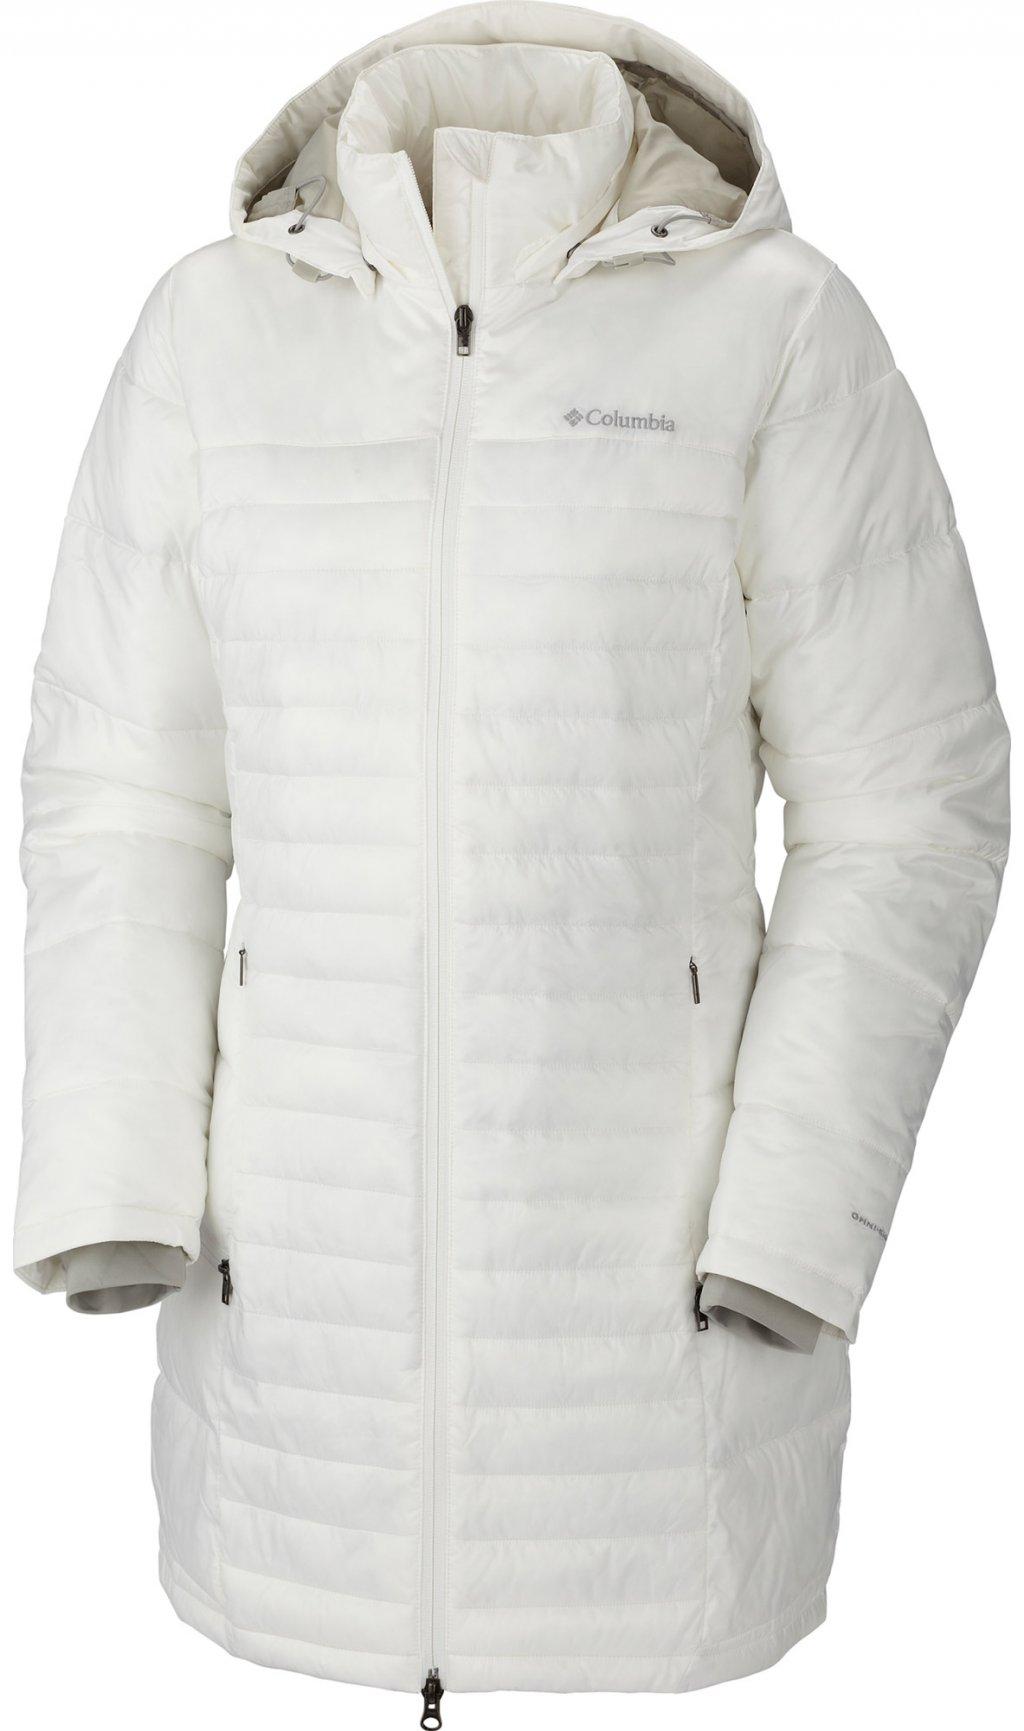 78bf6891f52 Куртка утепленная женская Columbia Powder Pillow Long купить со ...